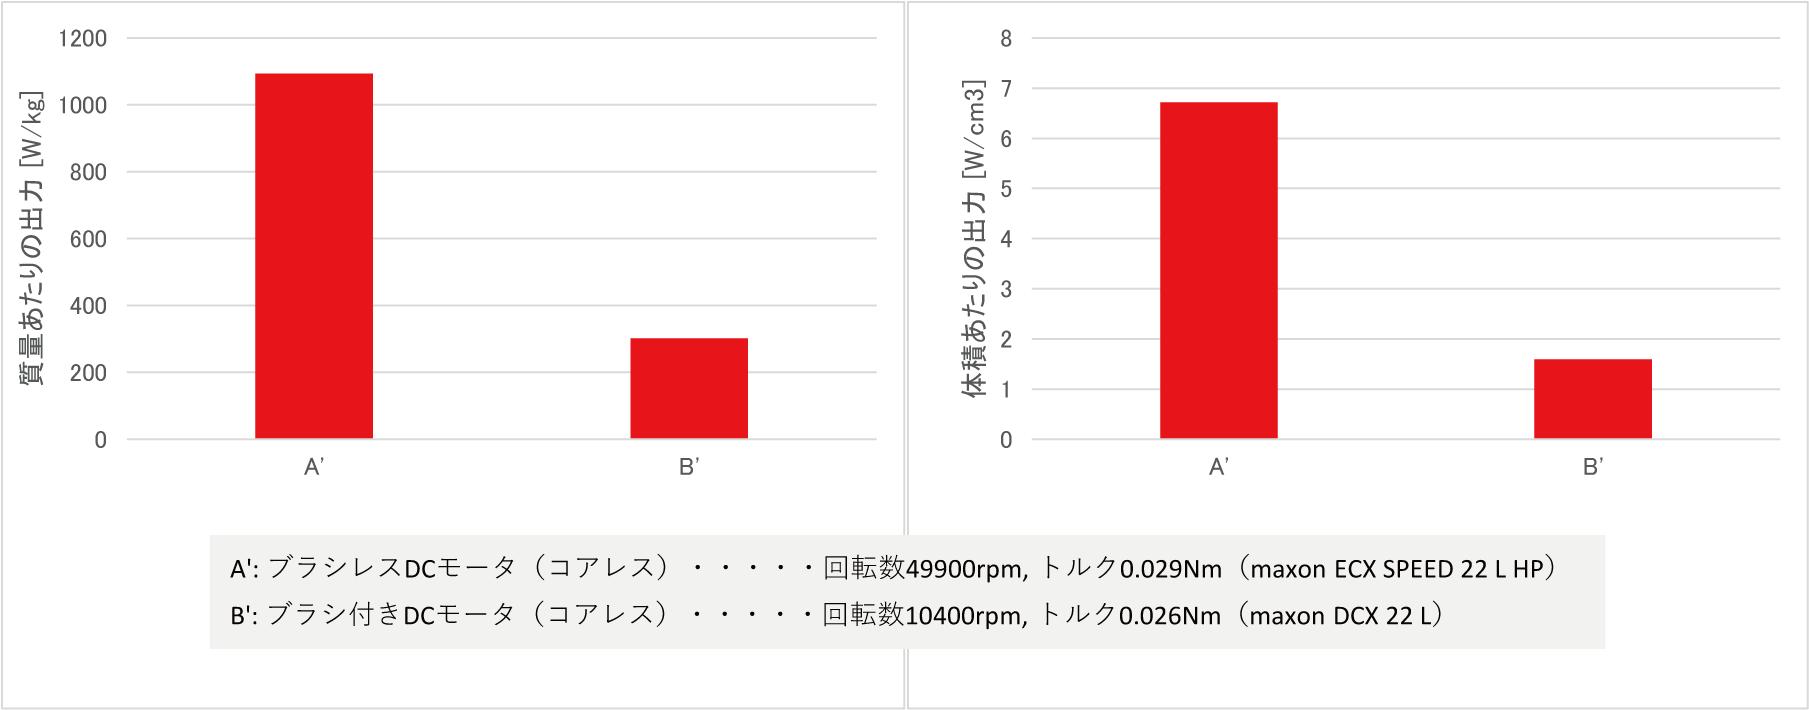 モータ単体出力(連続最大時のトルクX回転数)比較